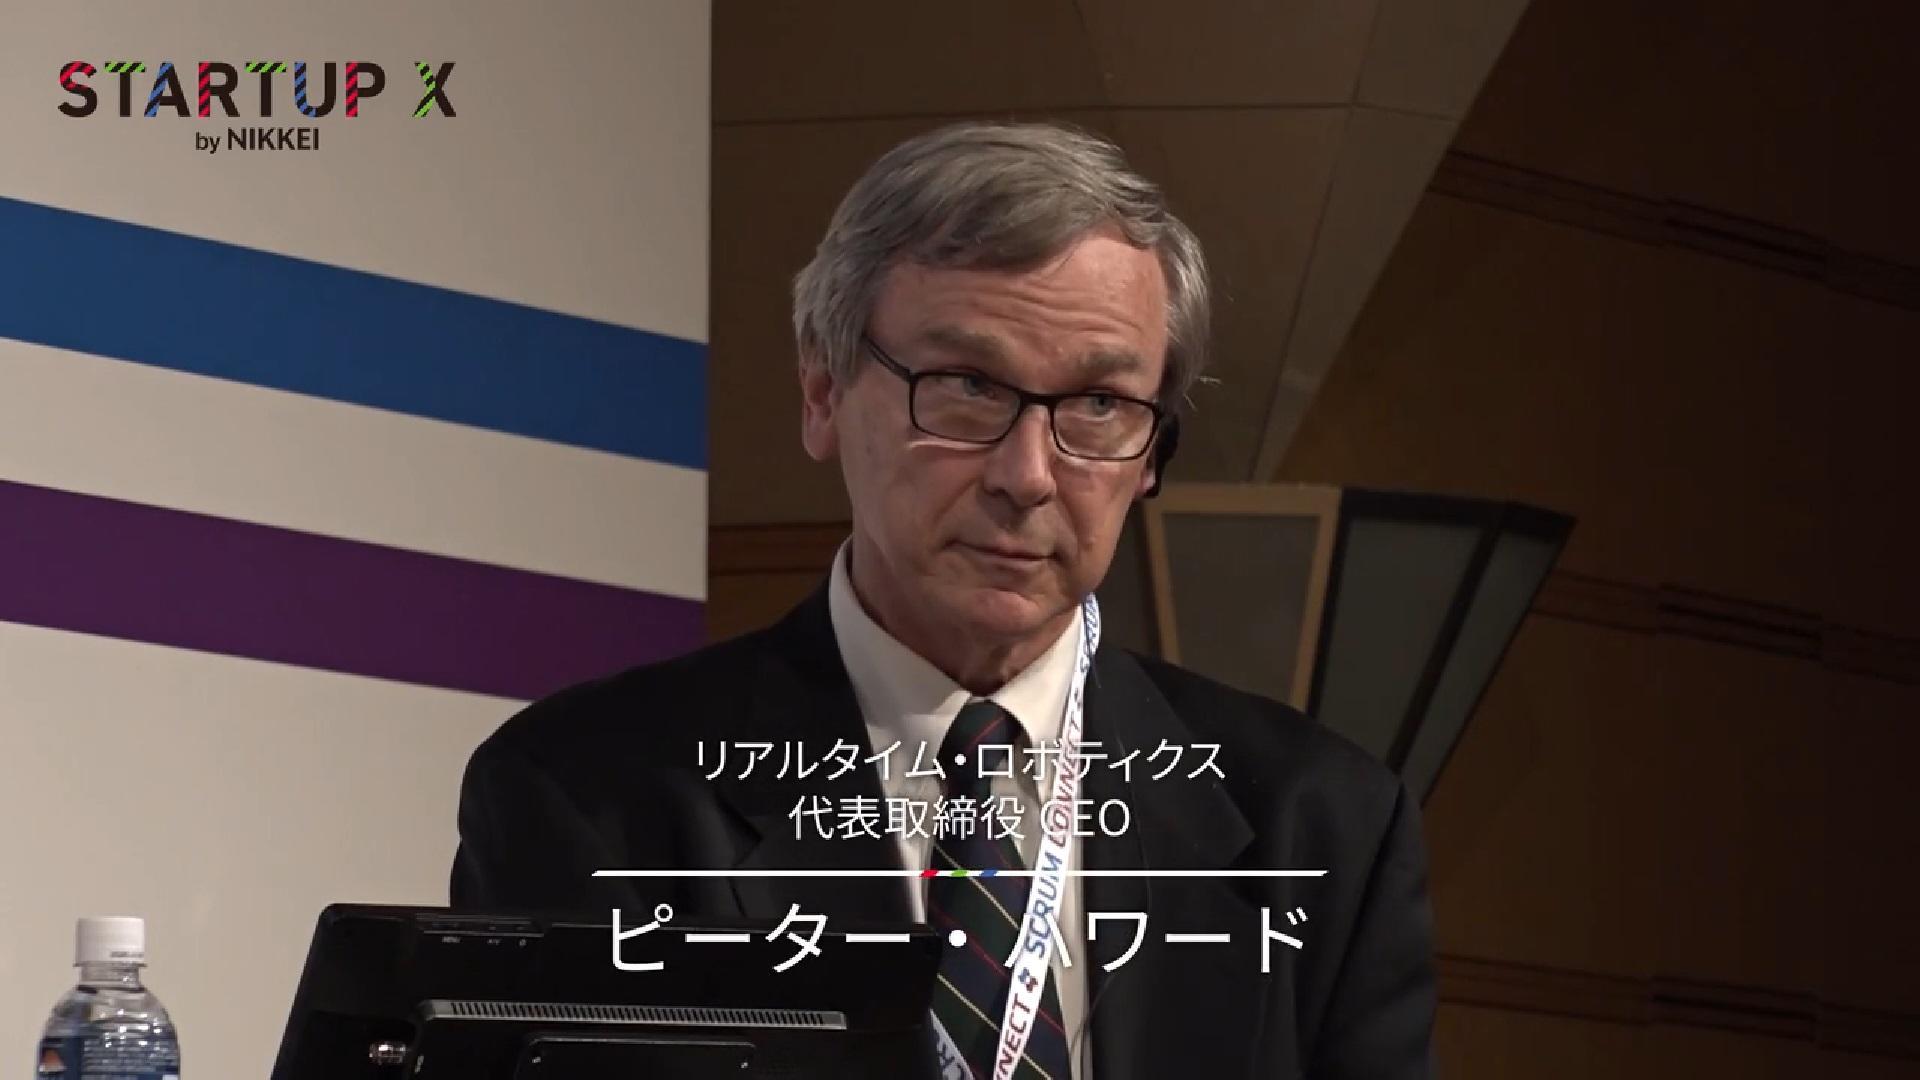 20190122_nikkeistartupx_06.jpg